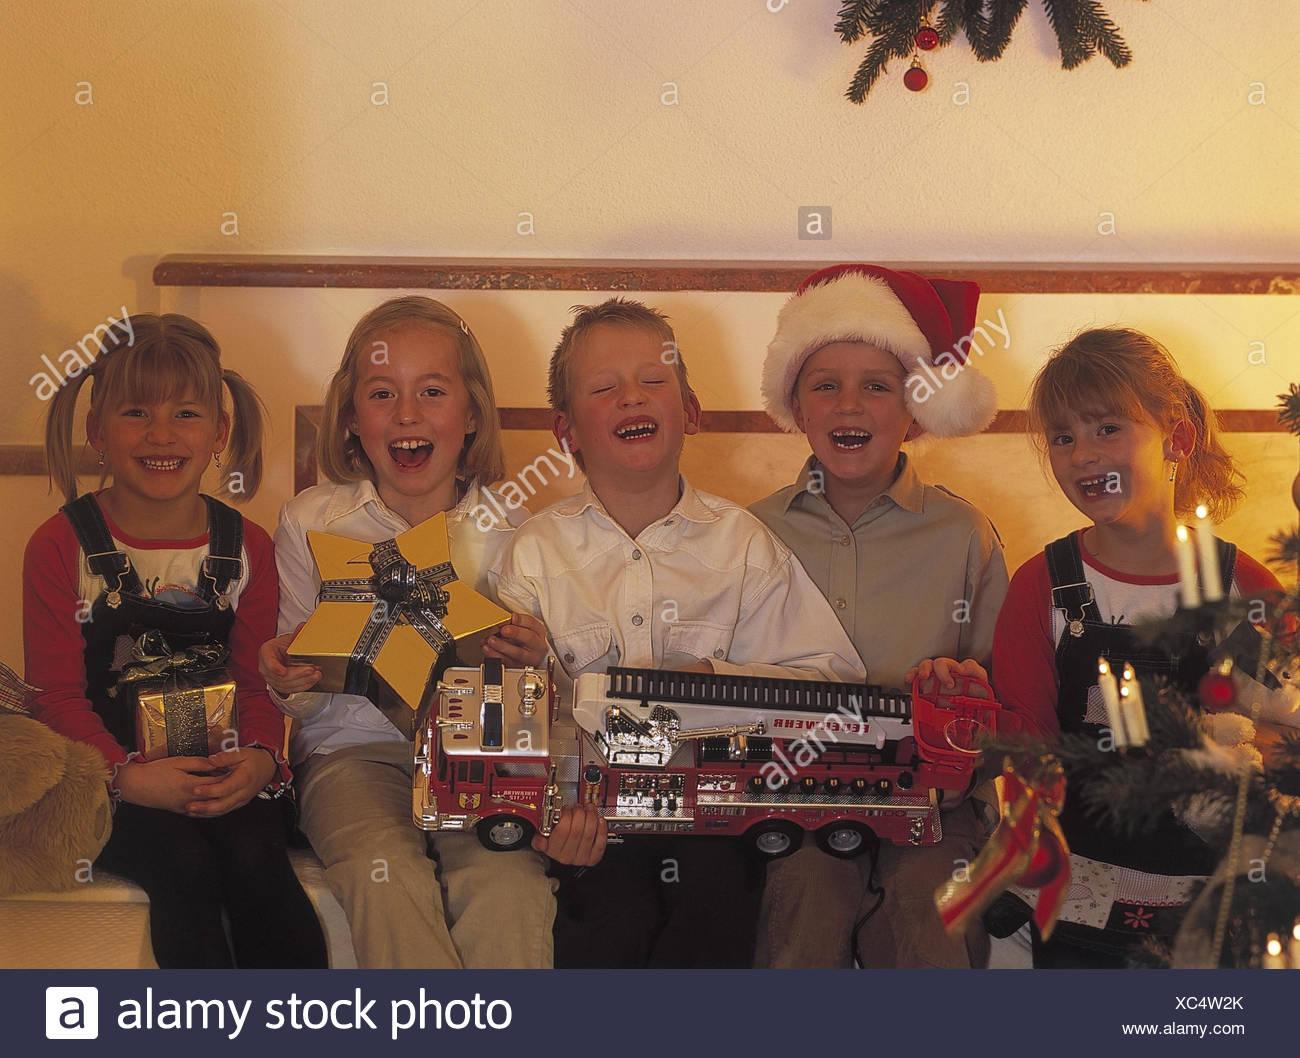 Weihnachten, Kinder, sitzt, Weihnachtsgeschenke, glücklich ...